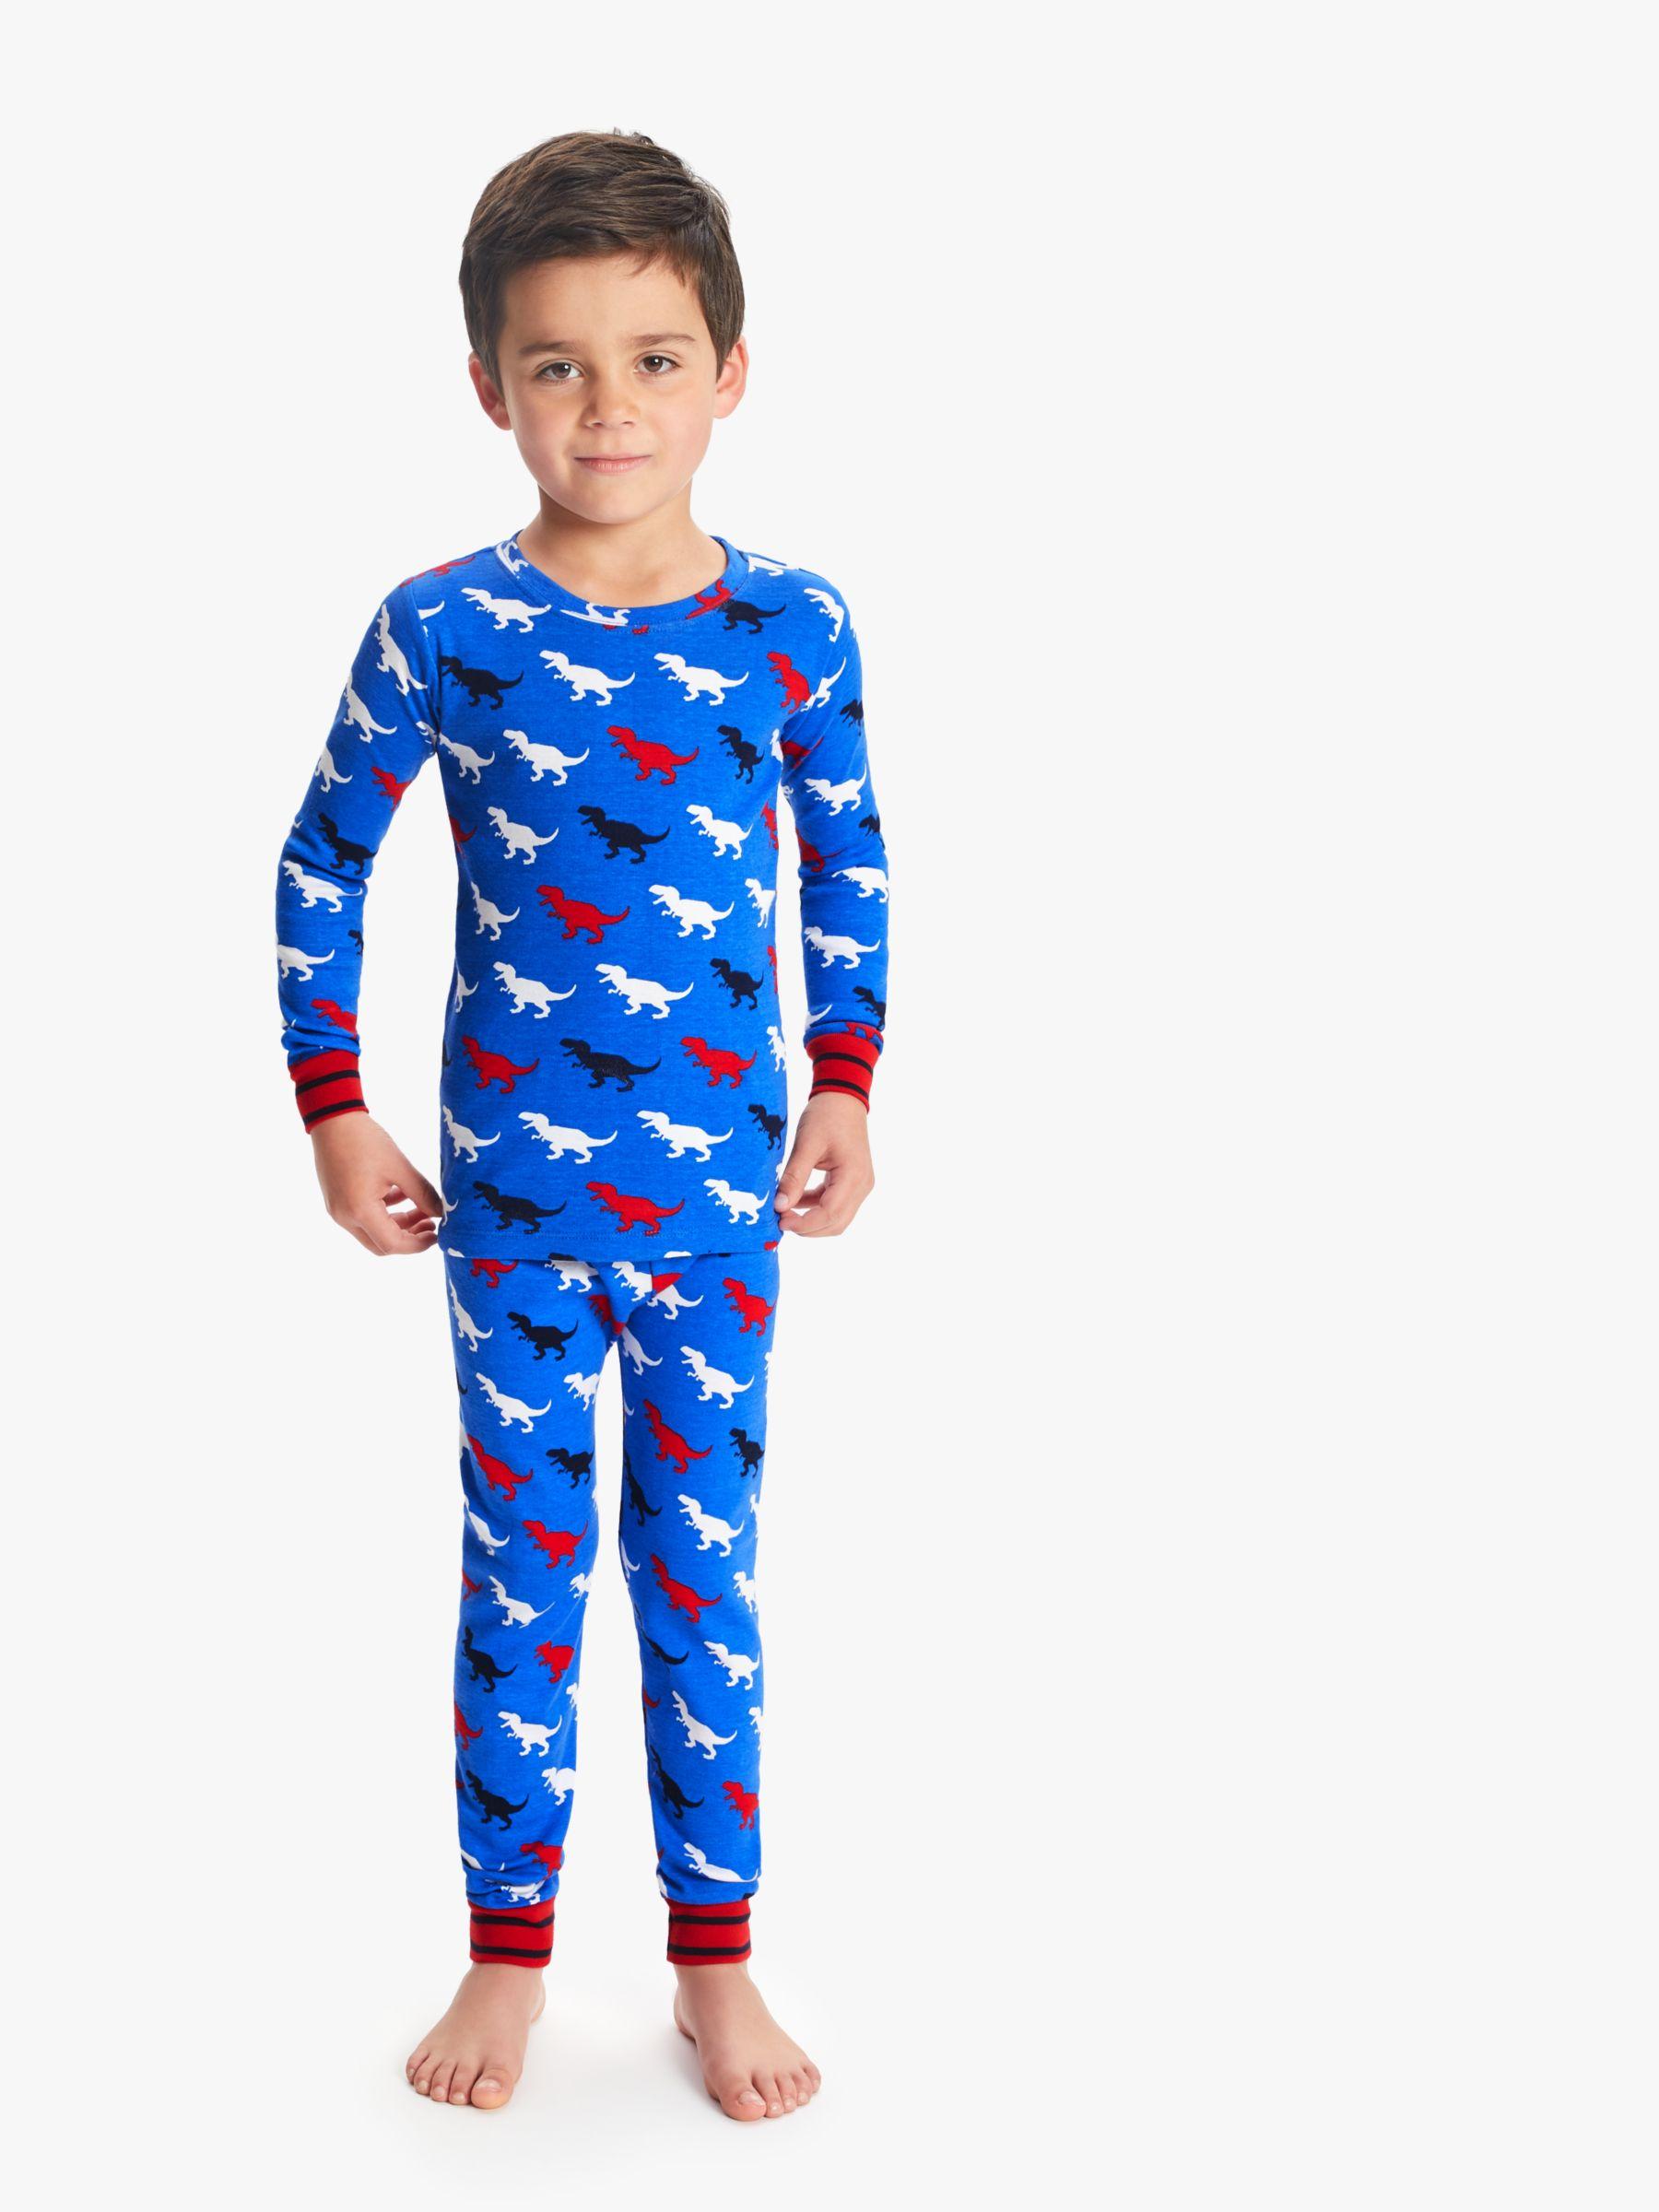 Hatley Hatley Boys' T-Rex Print Pyjamas, Blue